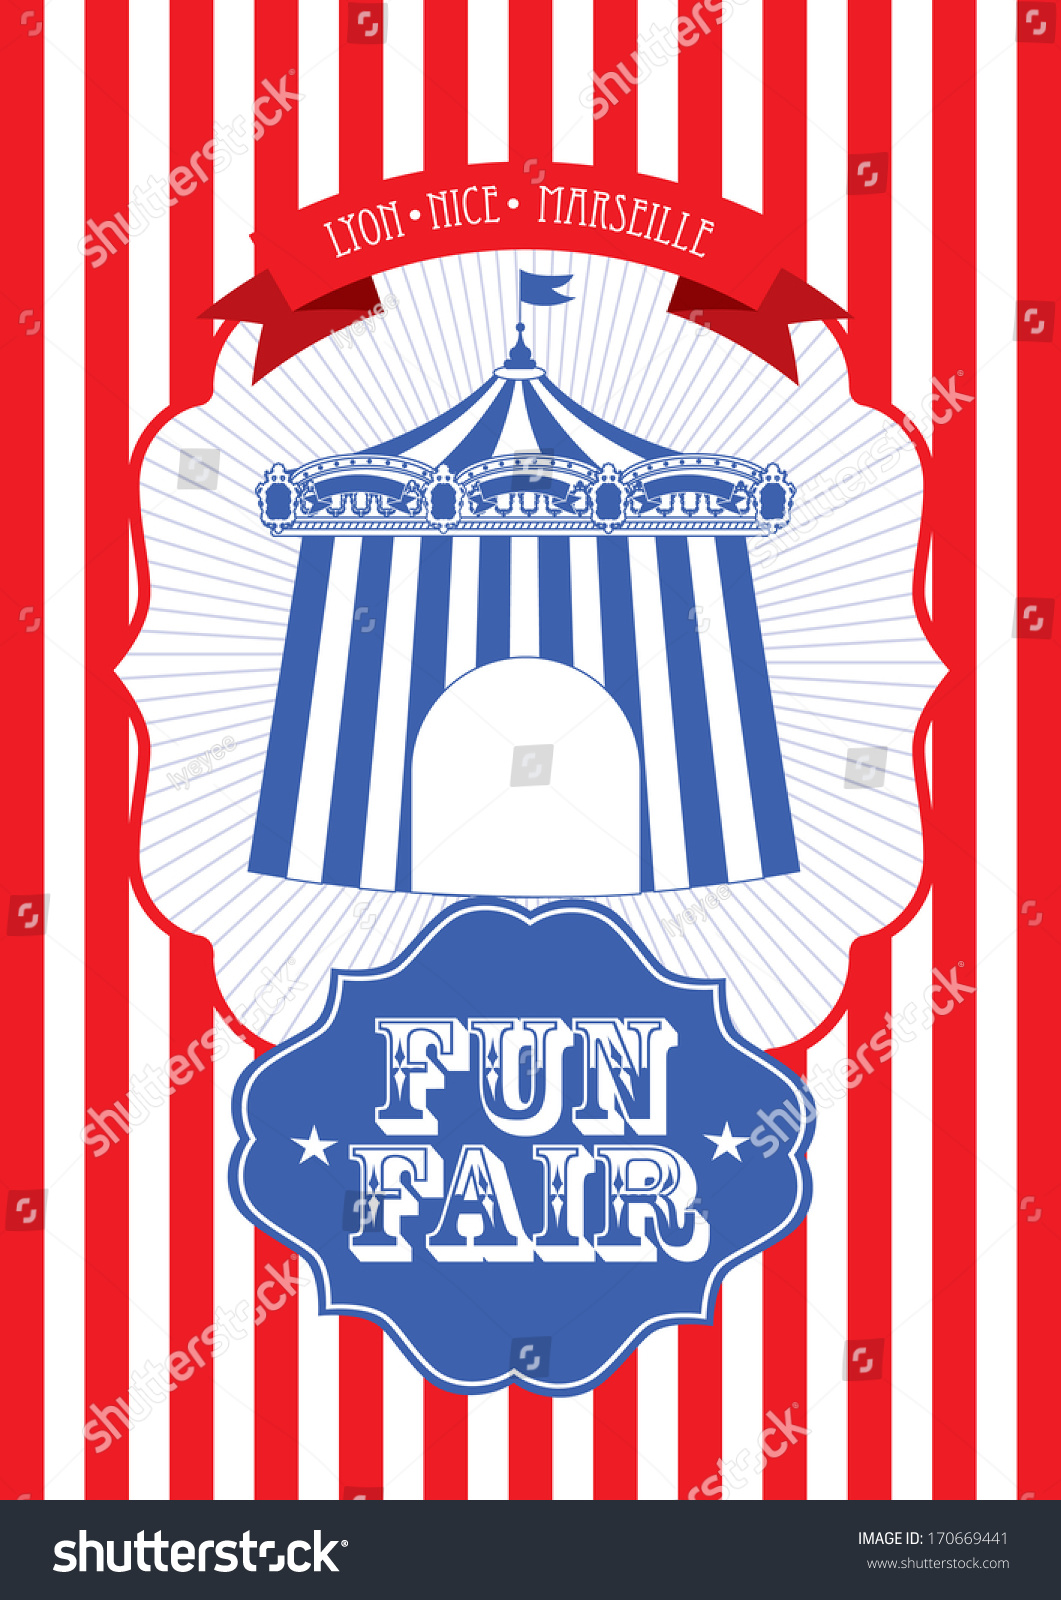 vintage circusfun fair fairground tent fun stock vector